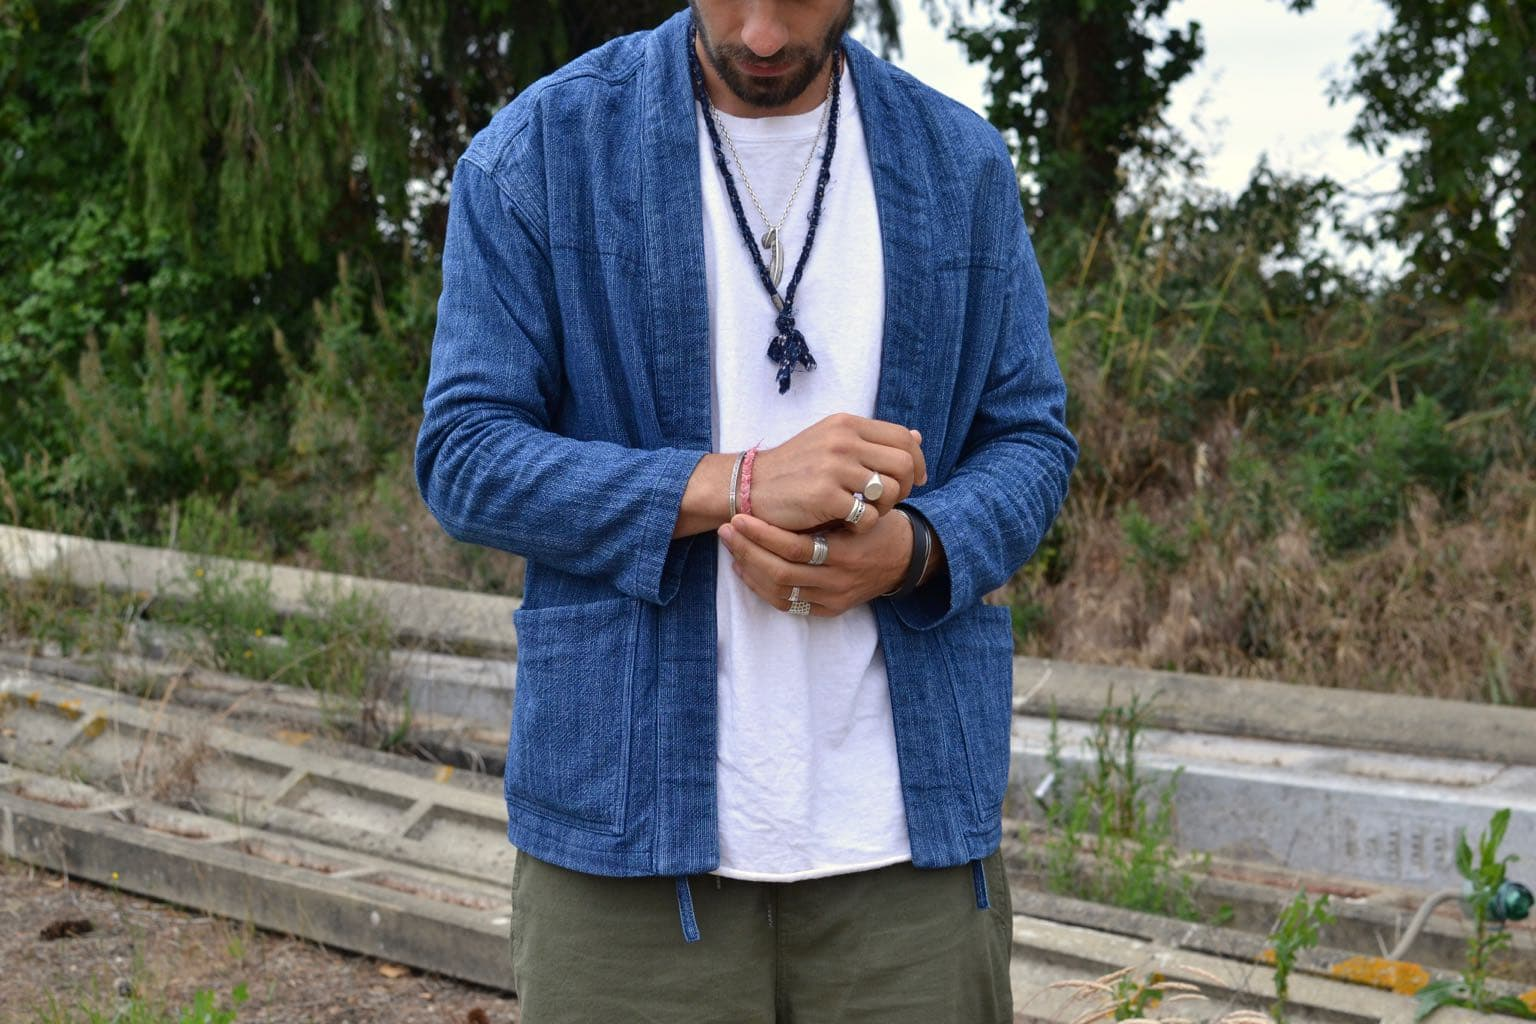 Comment porter la noragi Borali en collaboration avec BG - idée look homme accessoire styel été